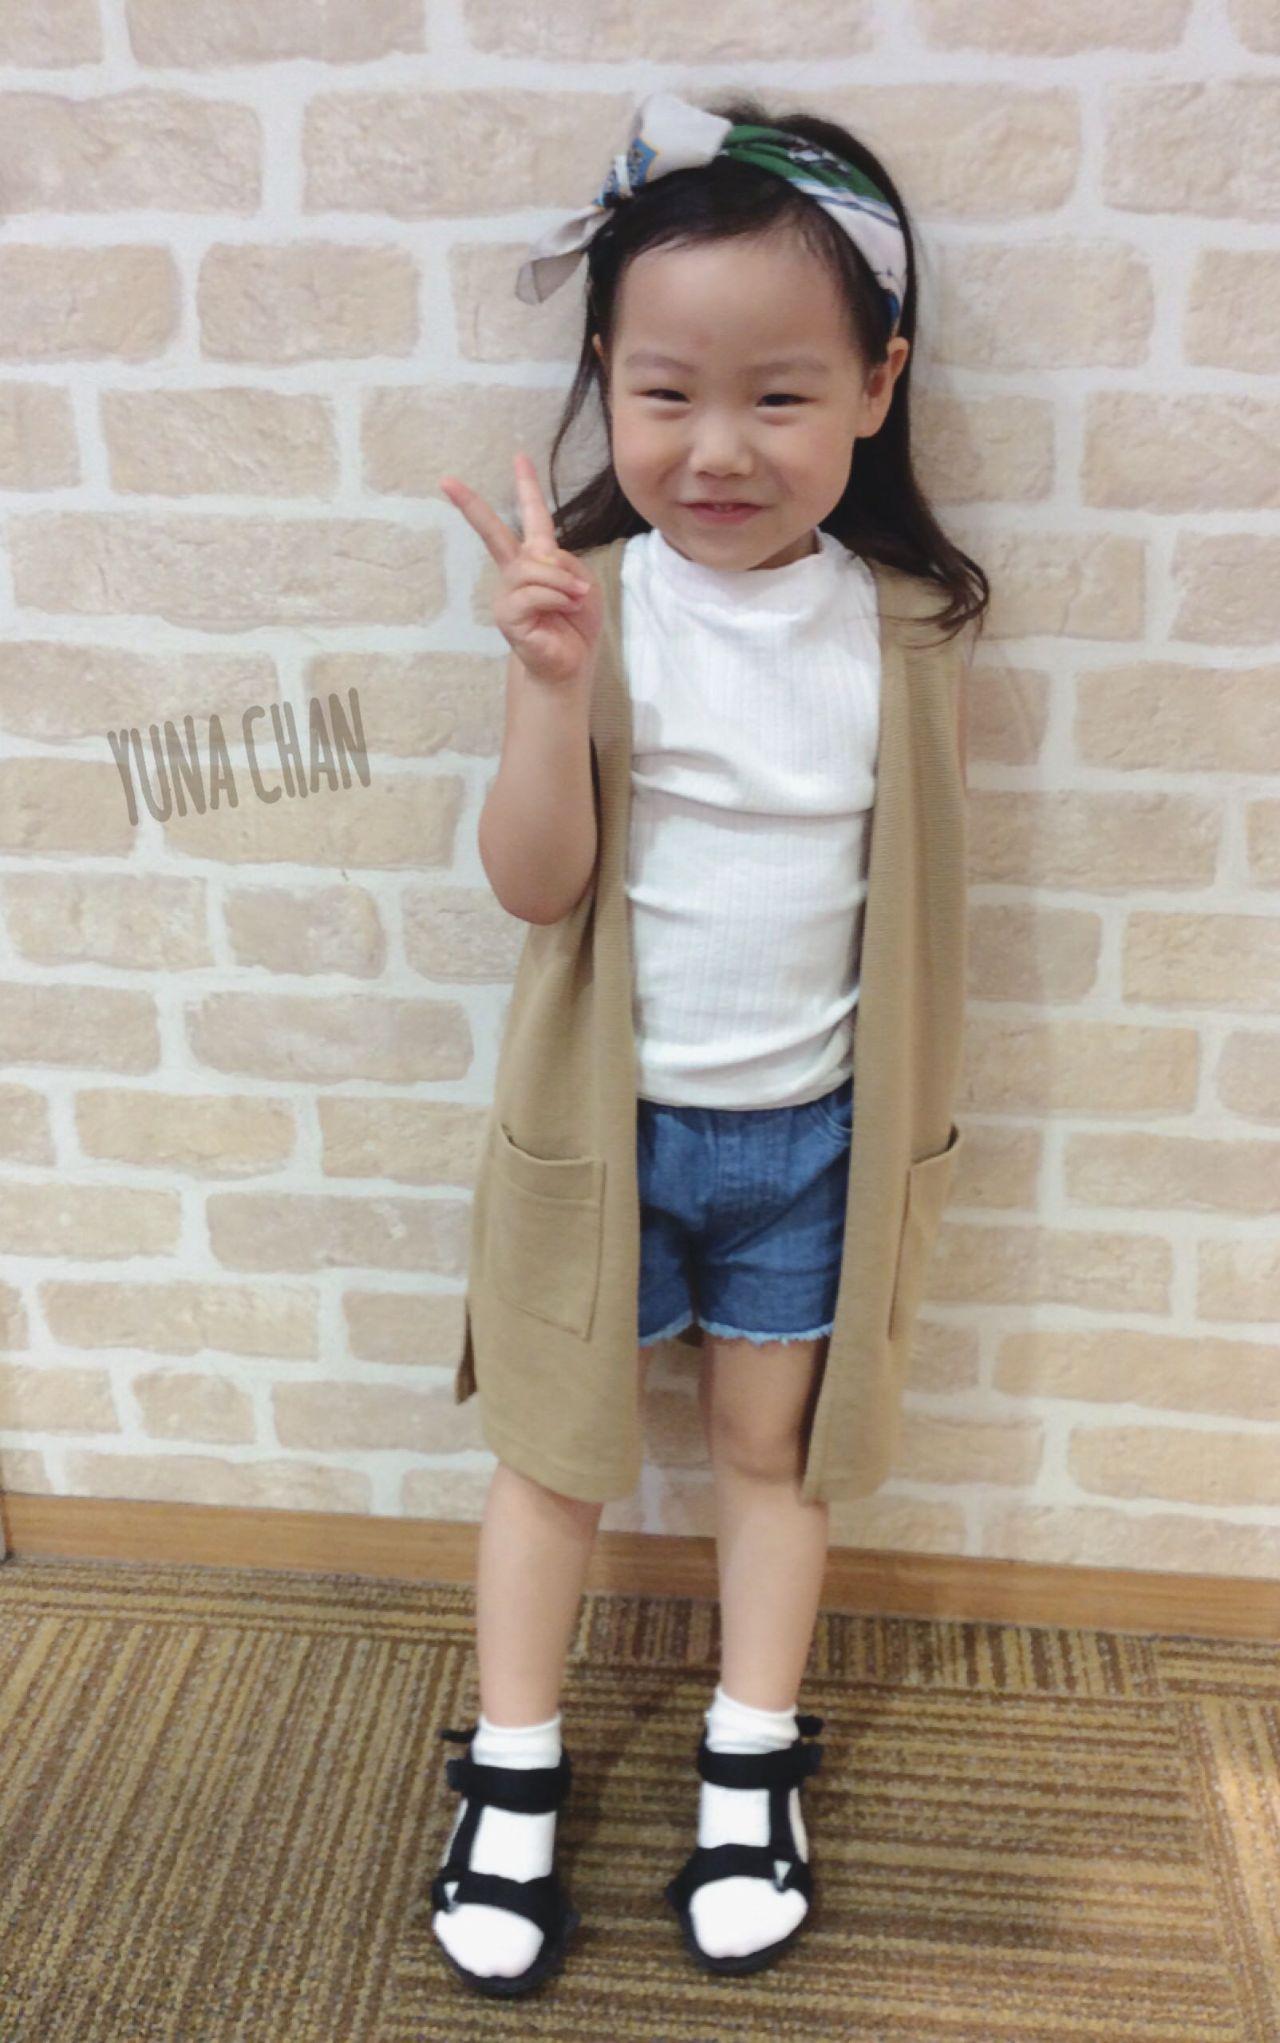 ニコニコ 可愛い 伊丹 kids ♡♡ | branshesイオンモール伊丹昆陽店